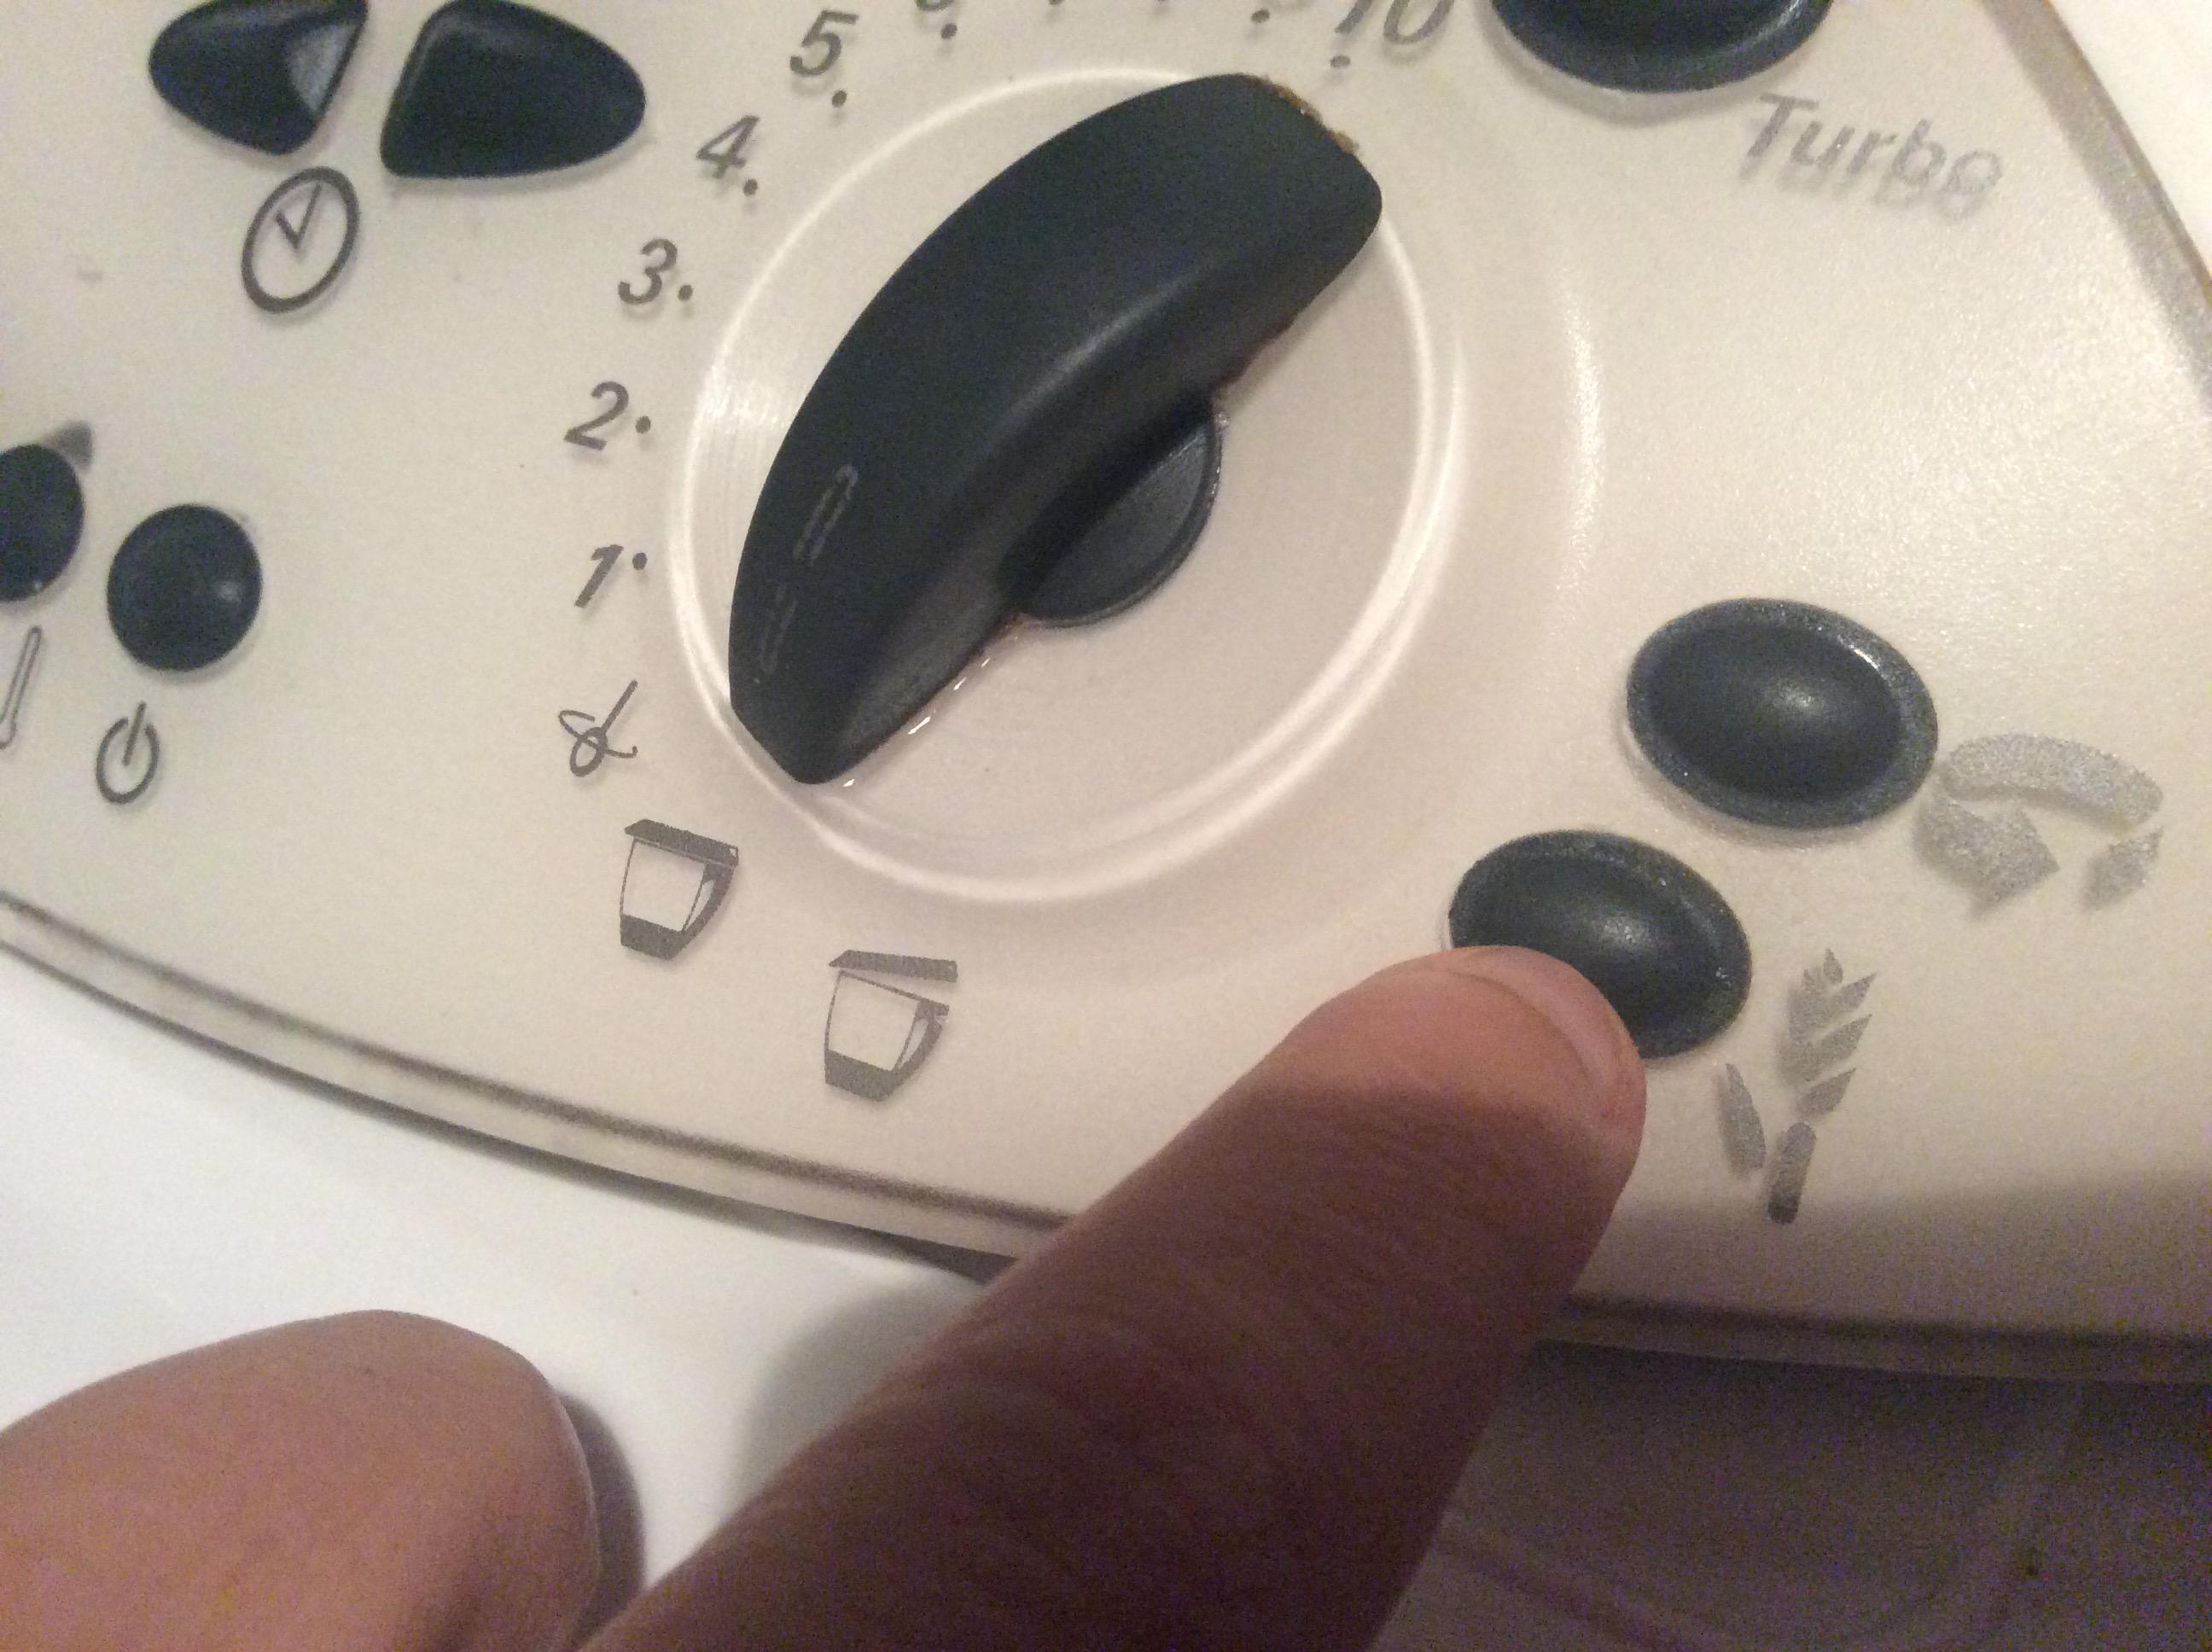 10) Pour peser, on utilise la tare en appuyant tout d\u0027abord sur le bouton  ci dessous pour mettre la balance à zéro. Verser l\u0027ingrédient et rappuyer  sur la